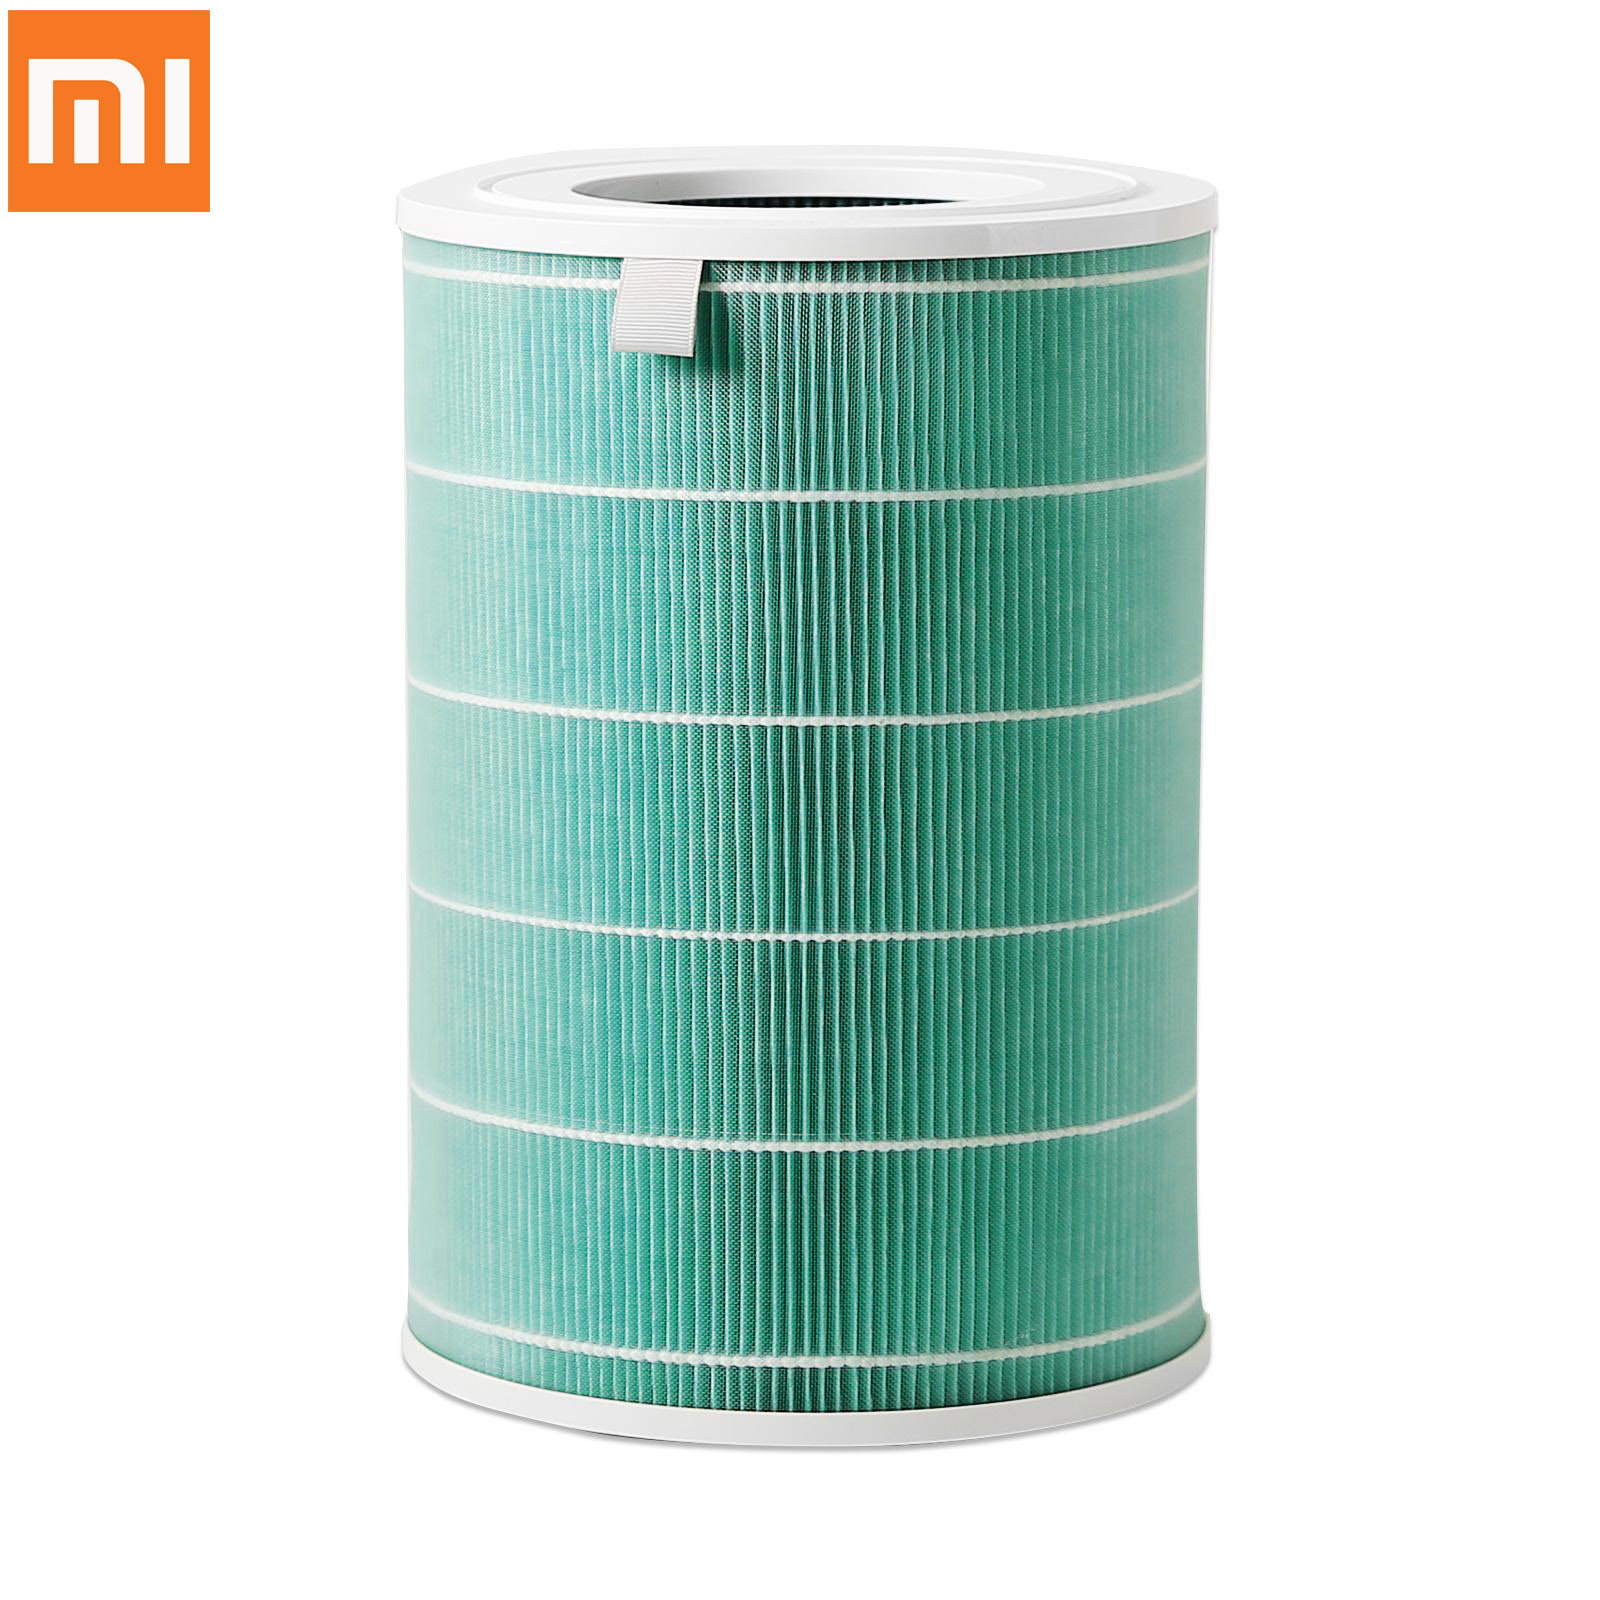 Оригинал Сяо mi Воздухоочистители формальдегида удаление фильтра-расширенная версия подходит для сяо mi Smart Воздухоочистители